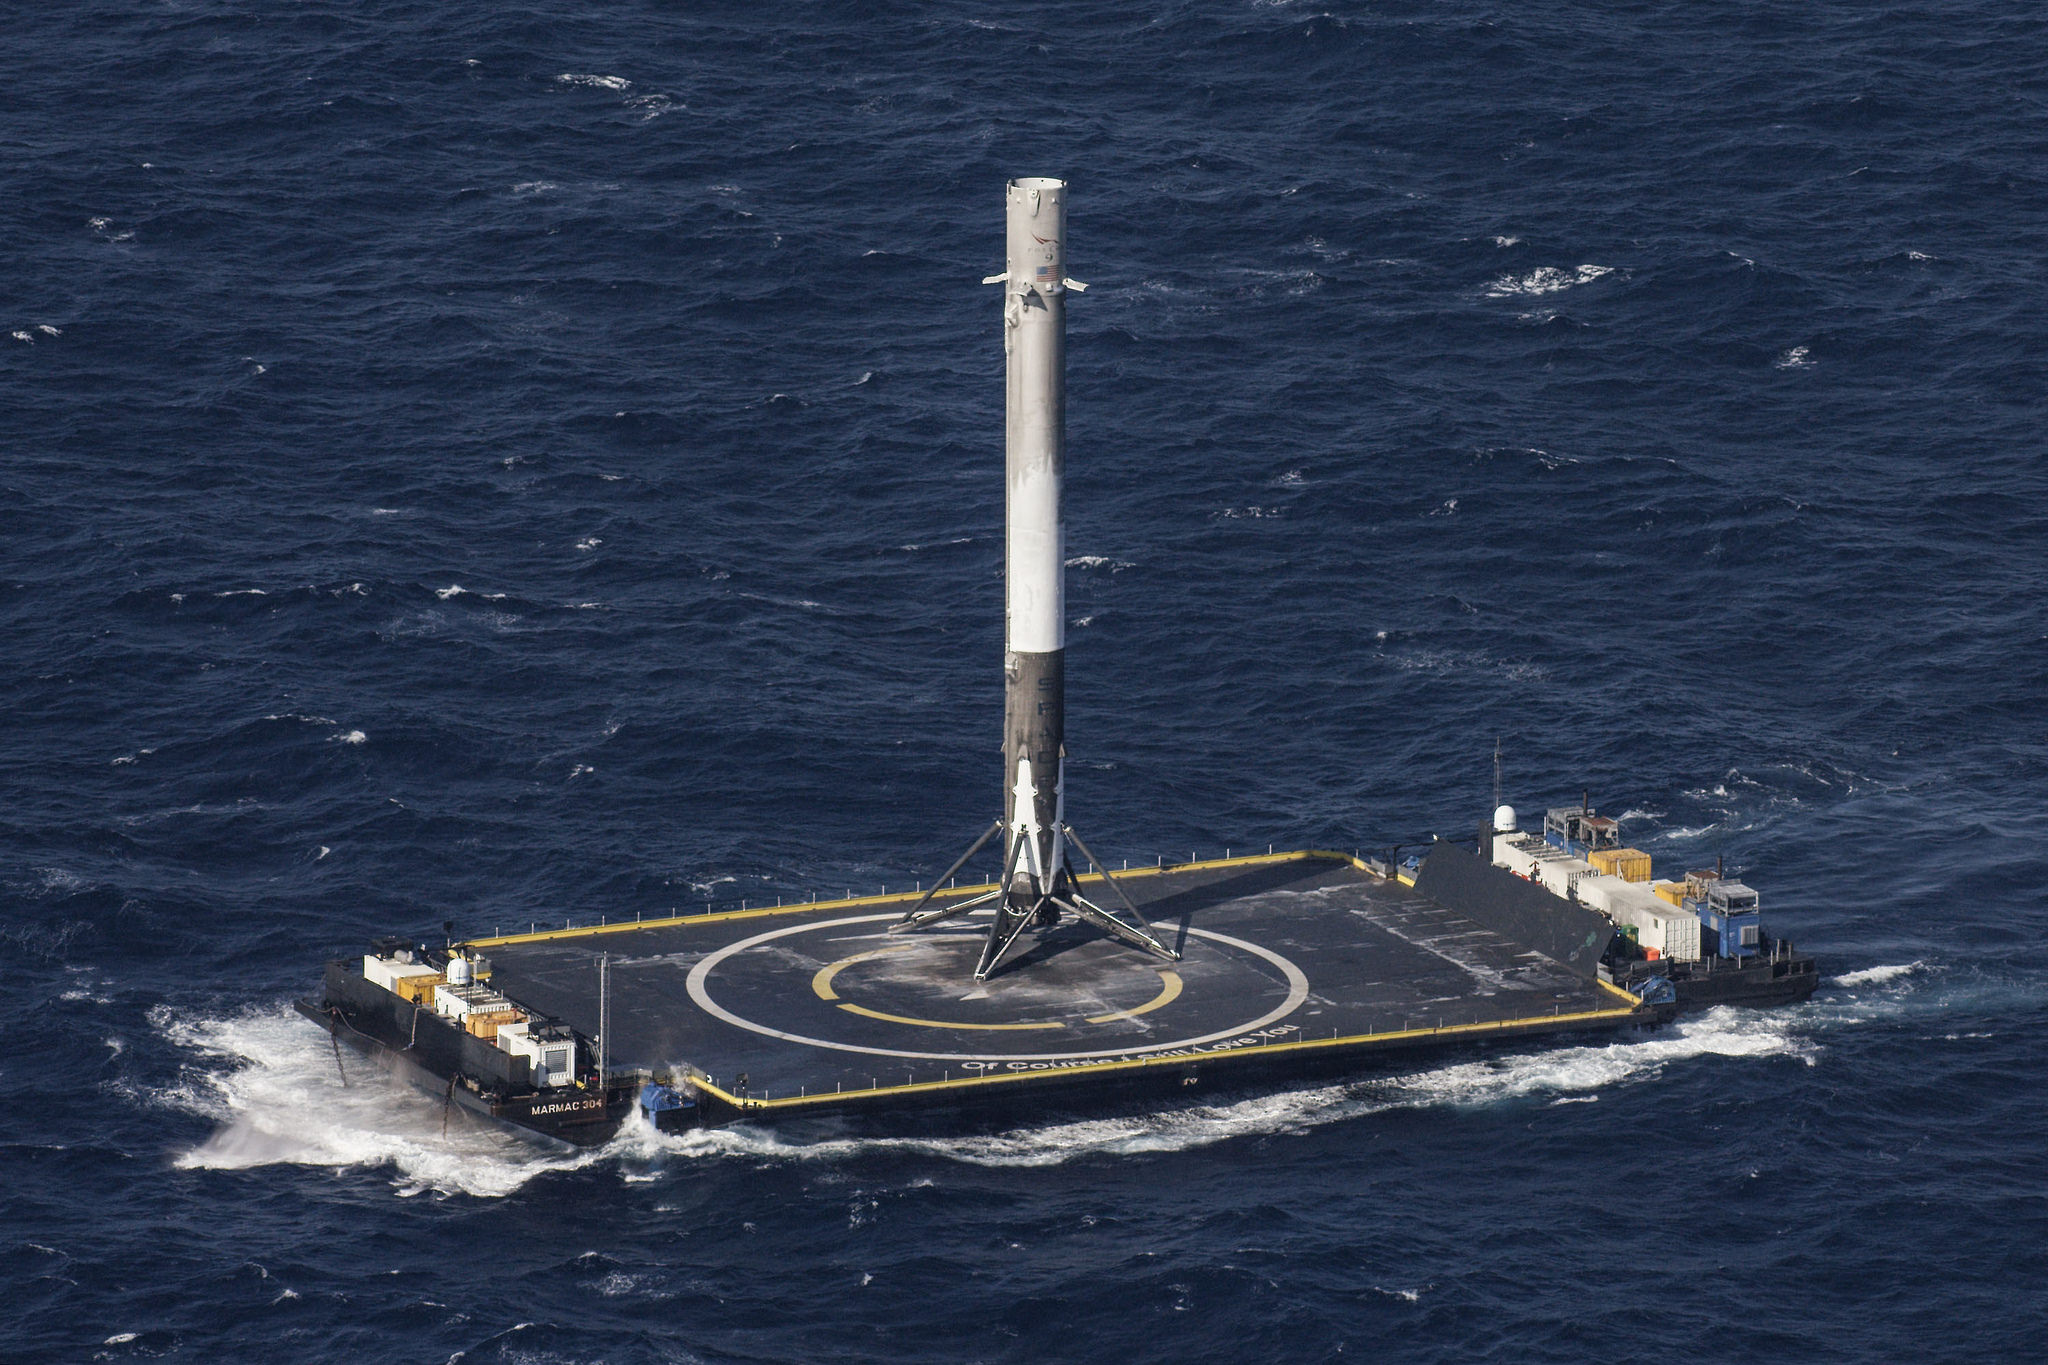 El Falcon 9 sobre la plataforma ubicada en el Océano Atlántico